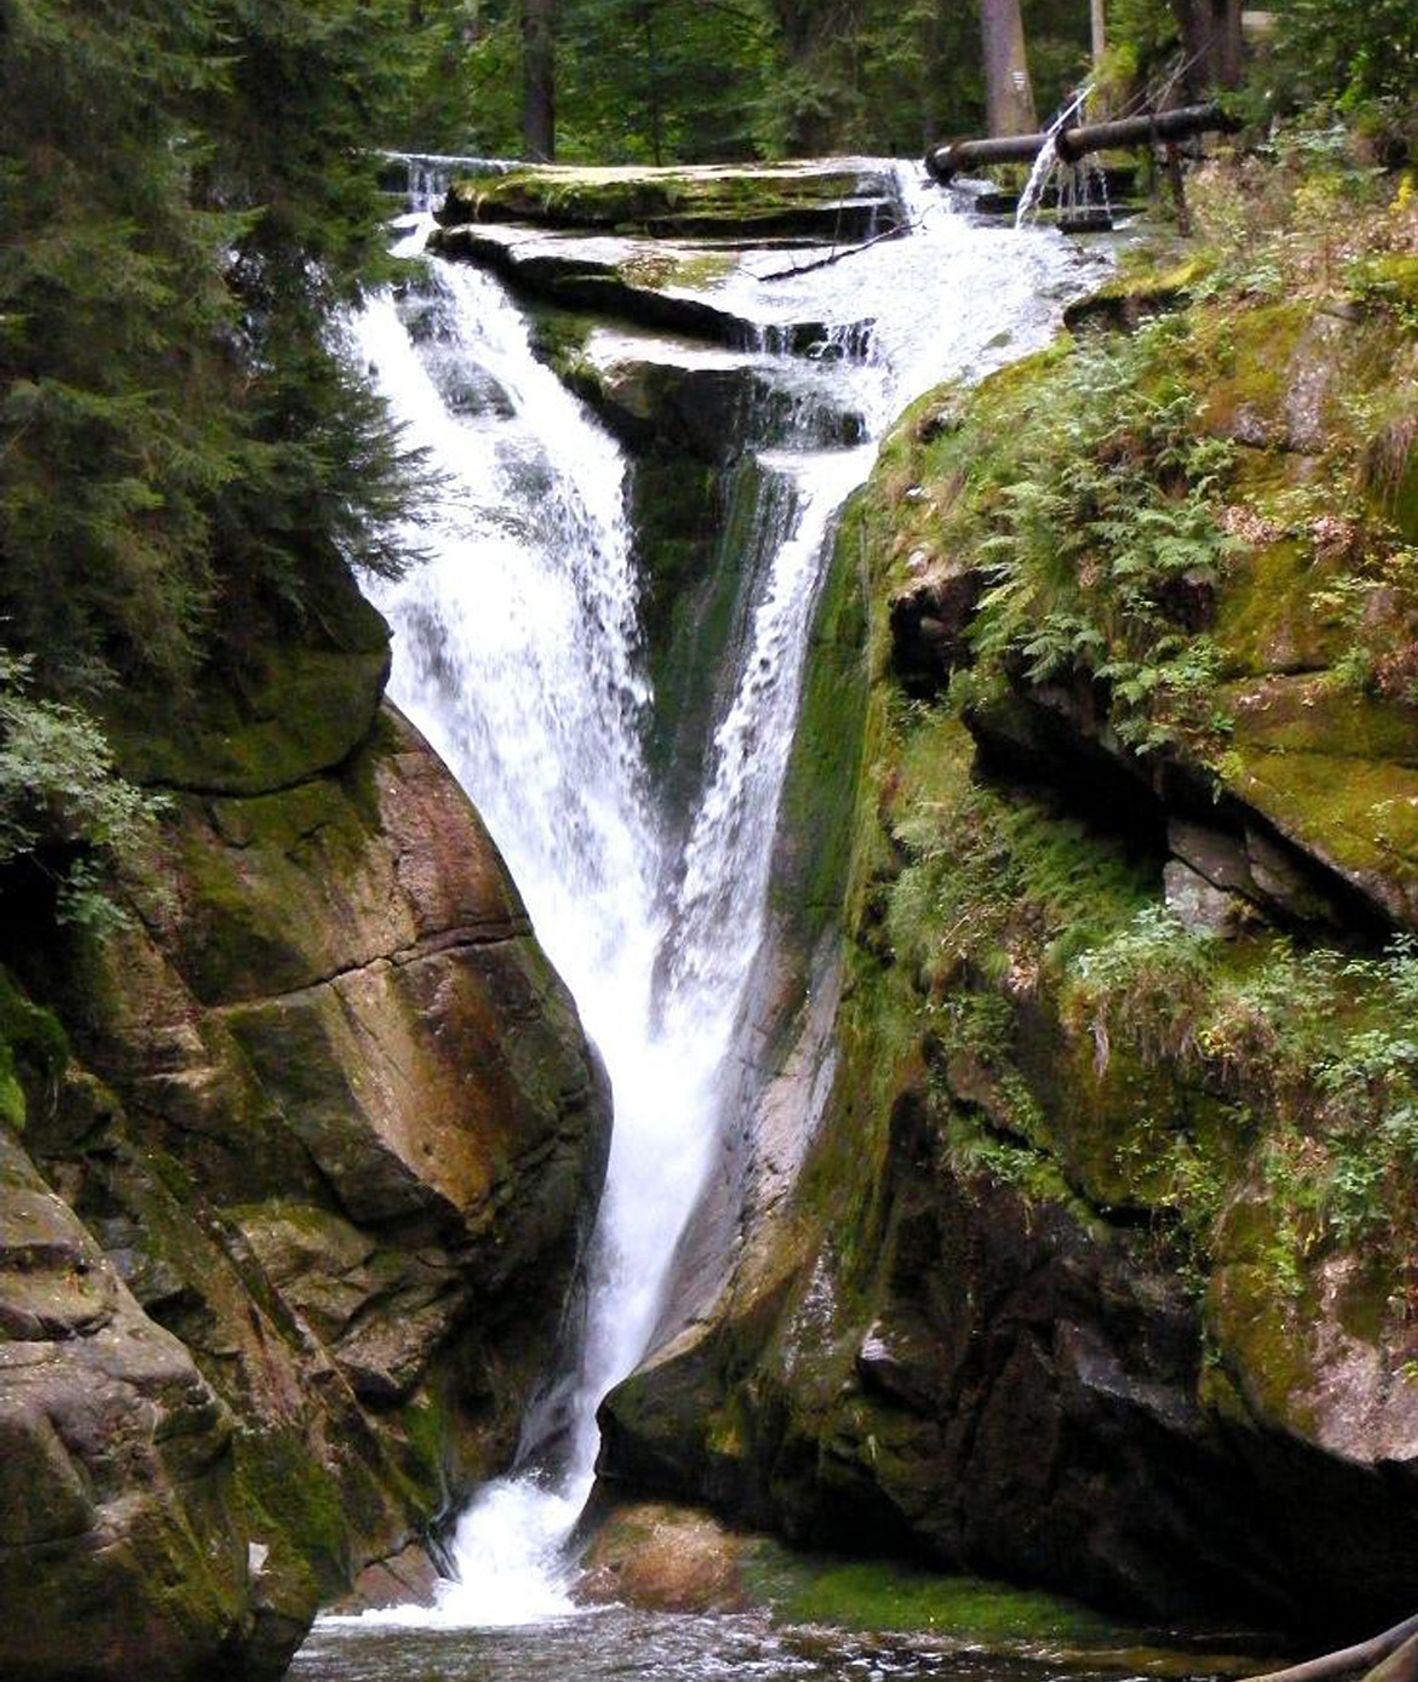 Wodospad Szklarki w Karkonoskim Parku Narodowym (fot. Aw58 / Wikipedia)